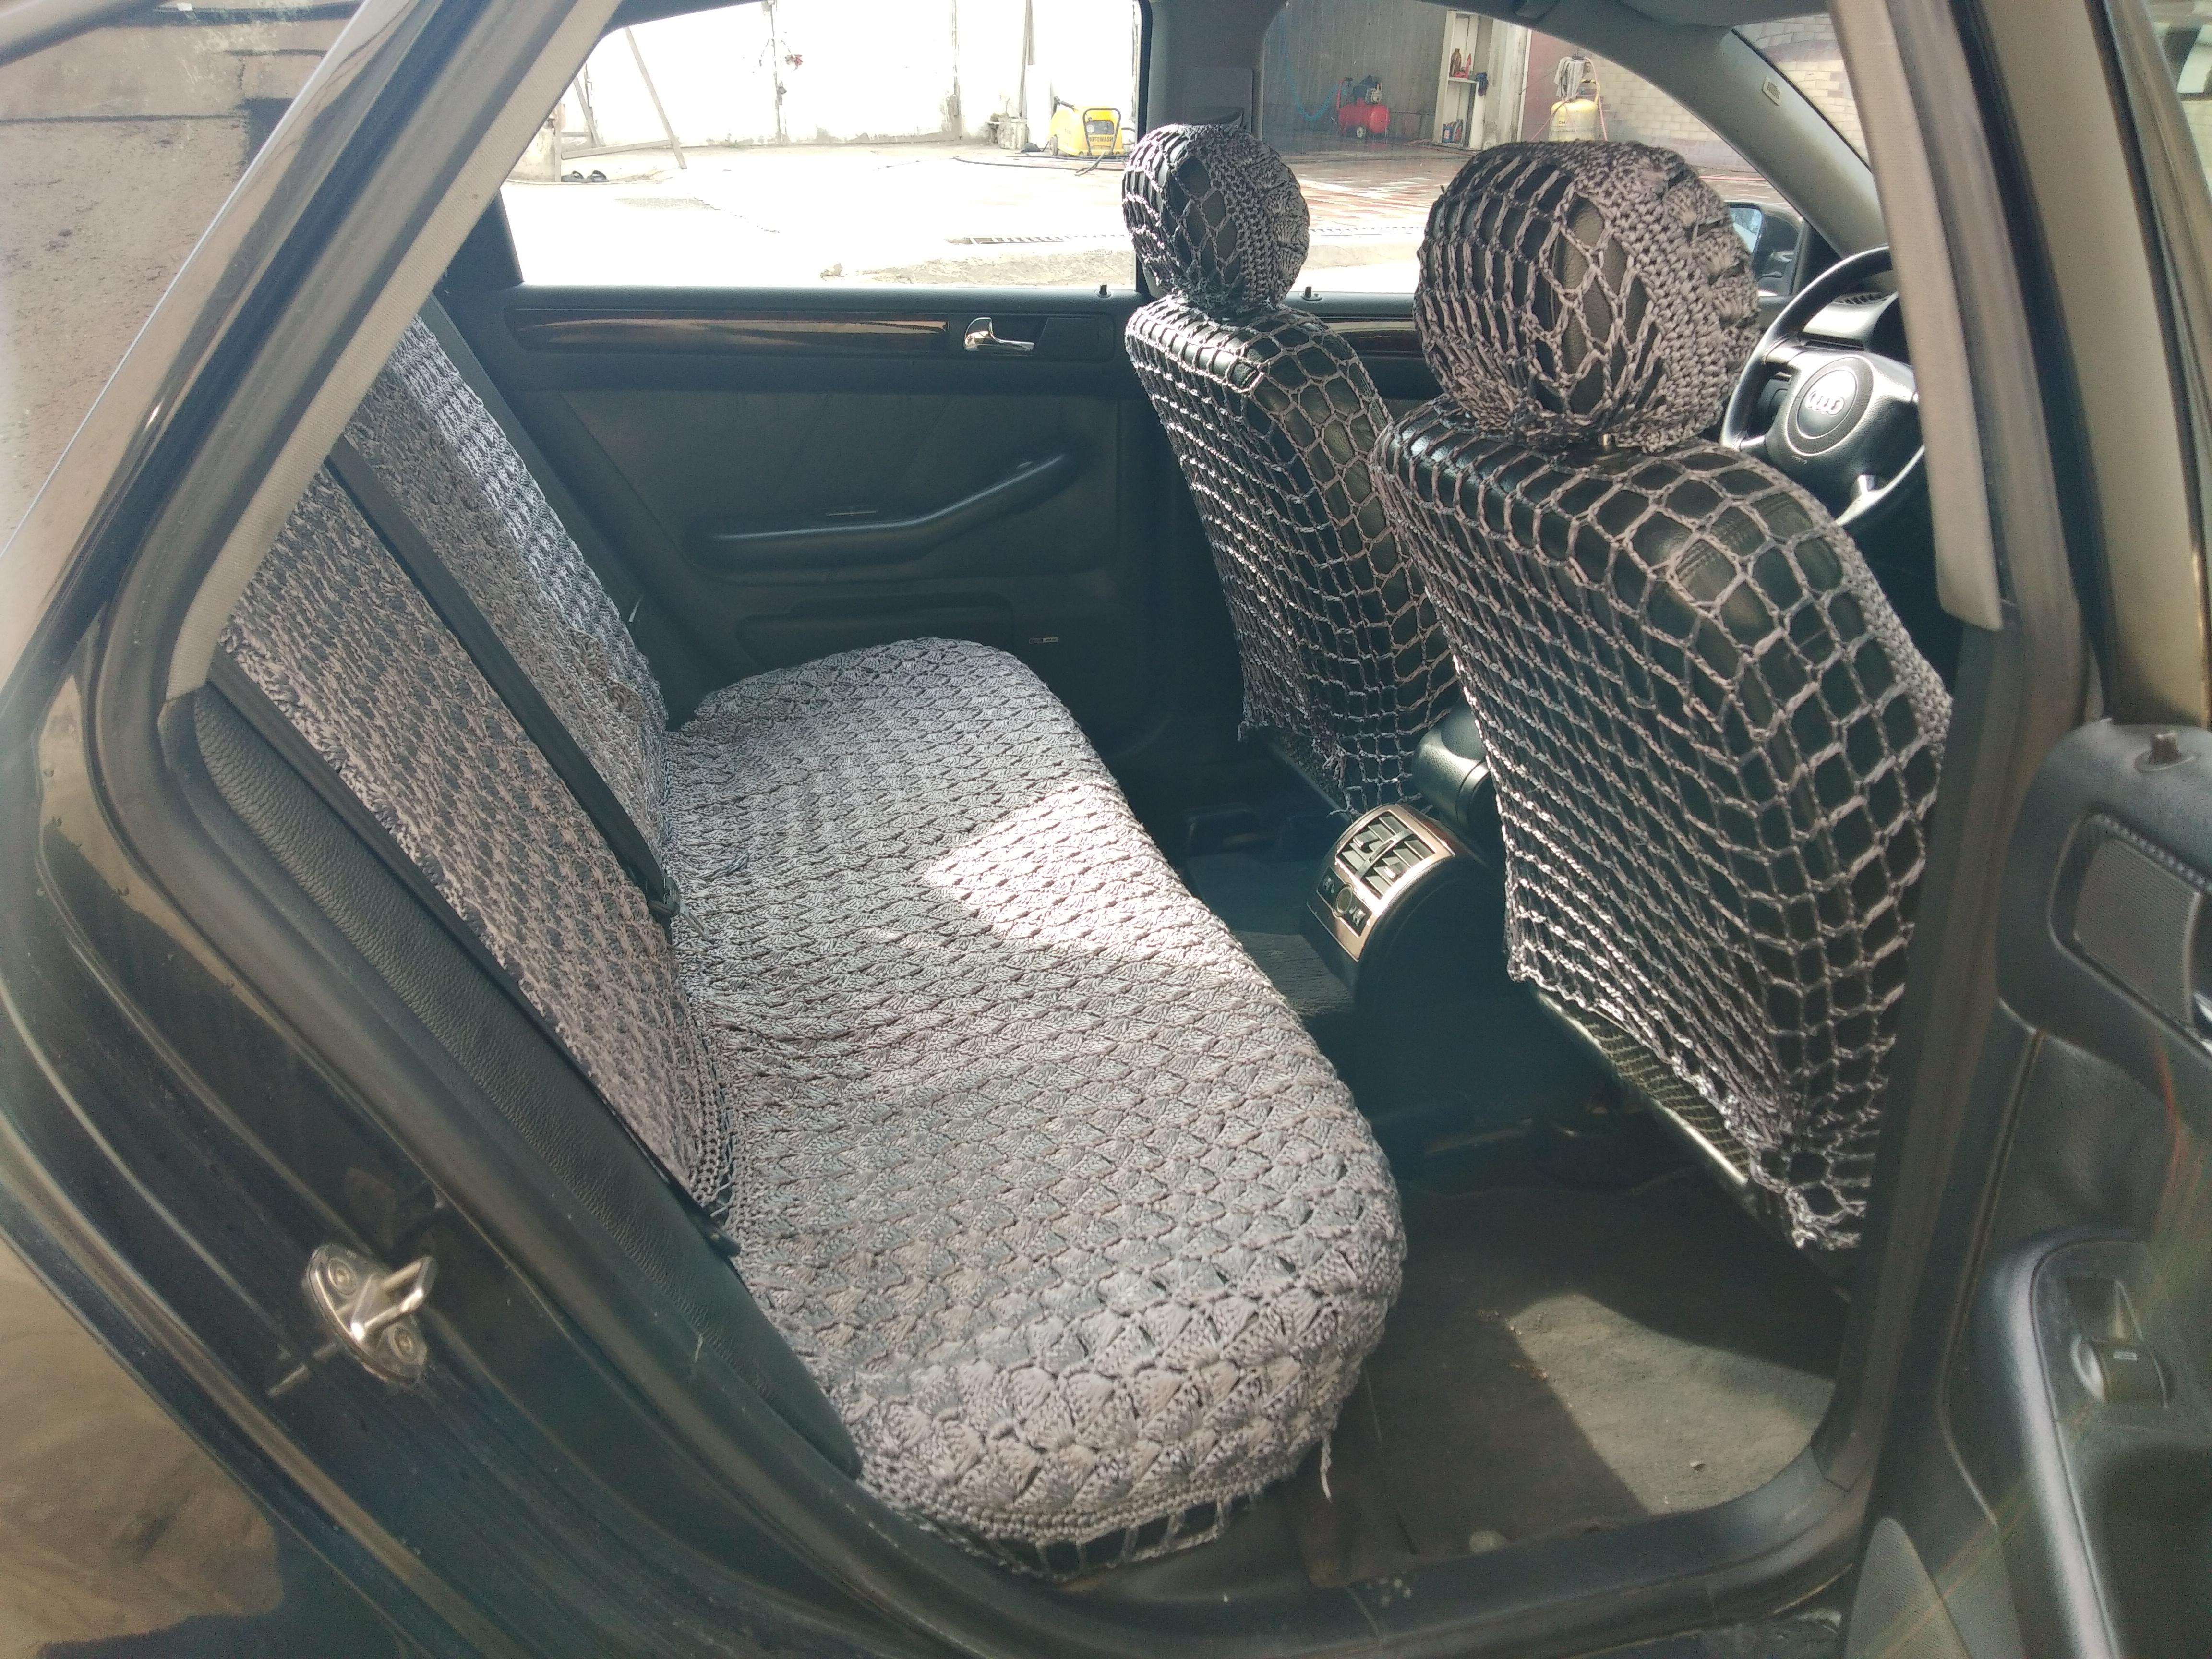 Audi A6 2.4(lt) 1998 Подержанный  $4300